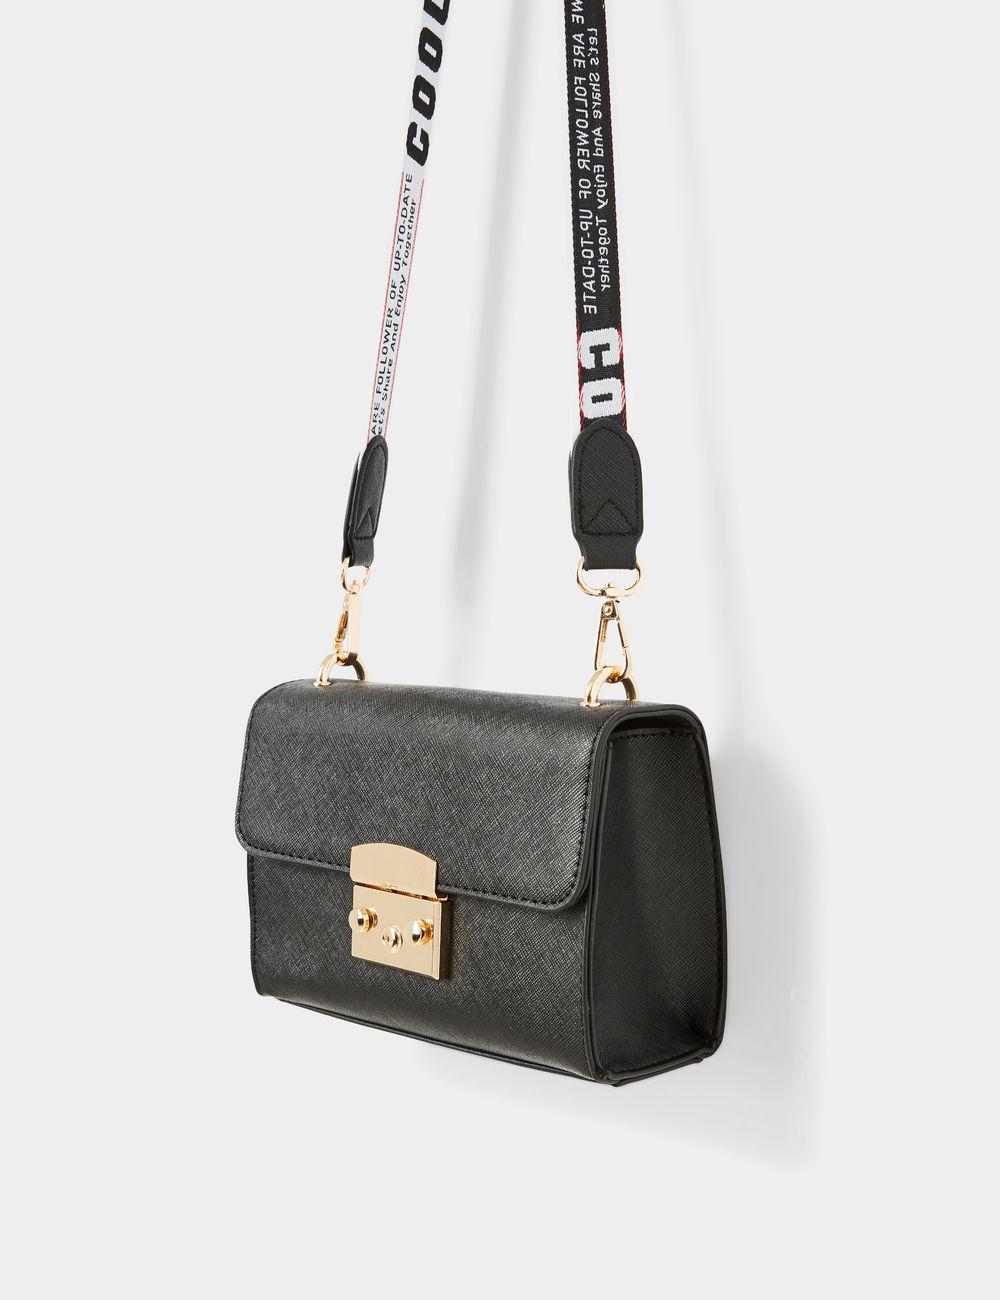 sac bandoulière à message noir Jennyfer prix 14,99 €